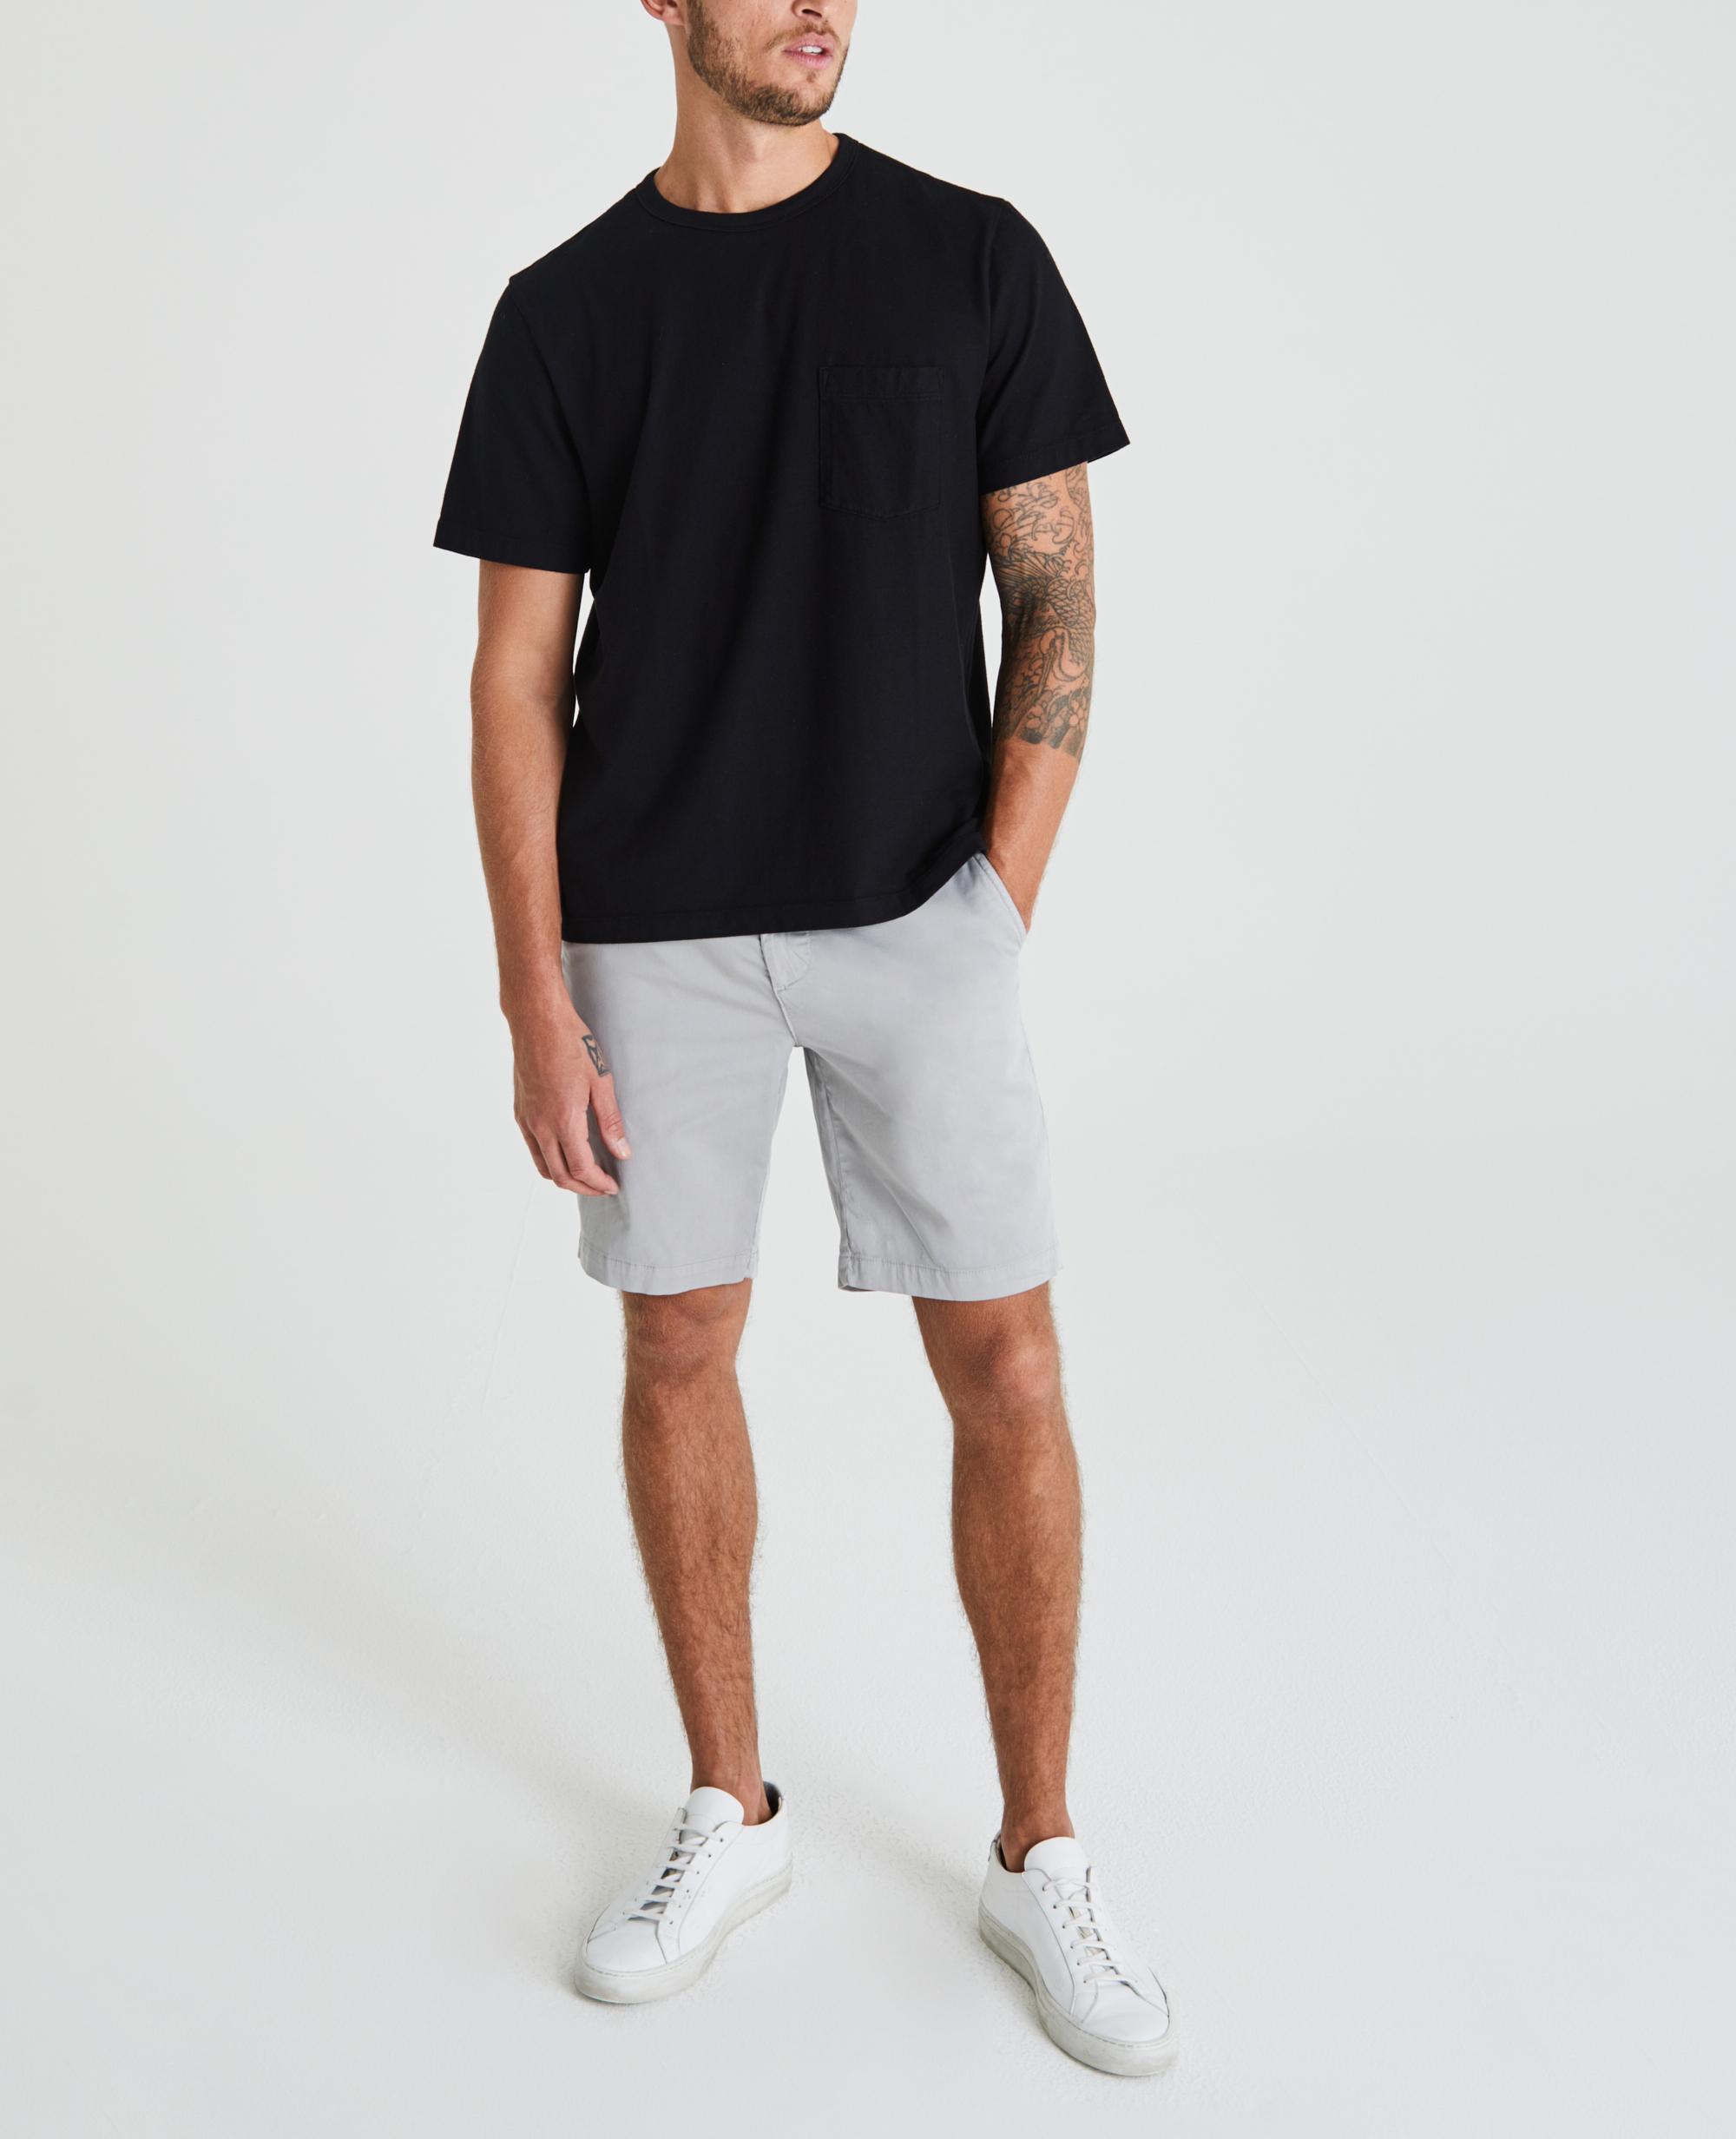 AG Adriano Goldschmied Mens Wanderer Slim Trouser Short